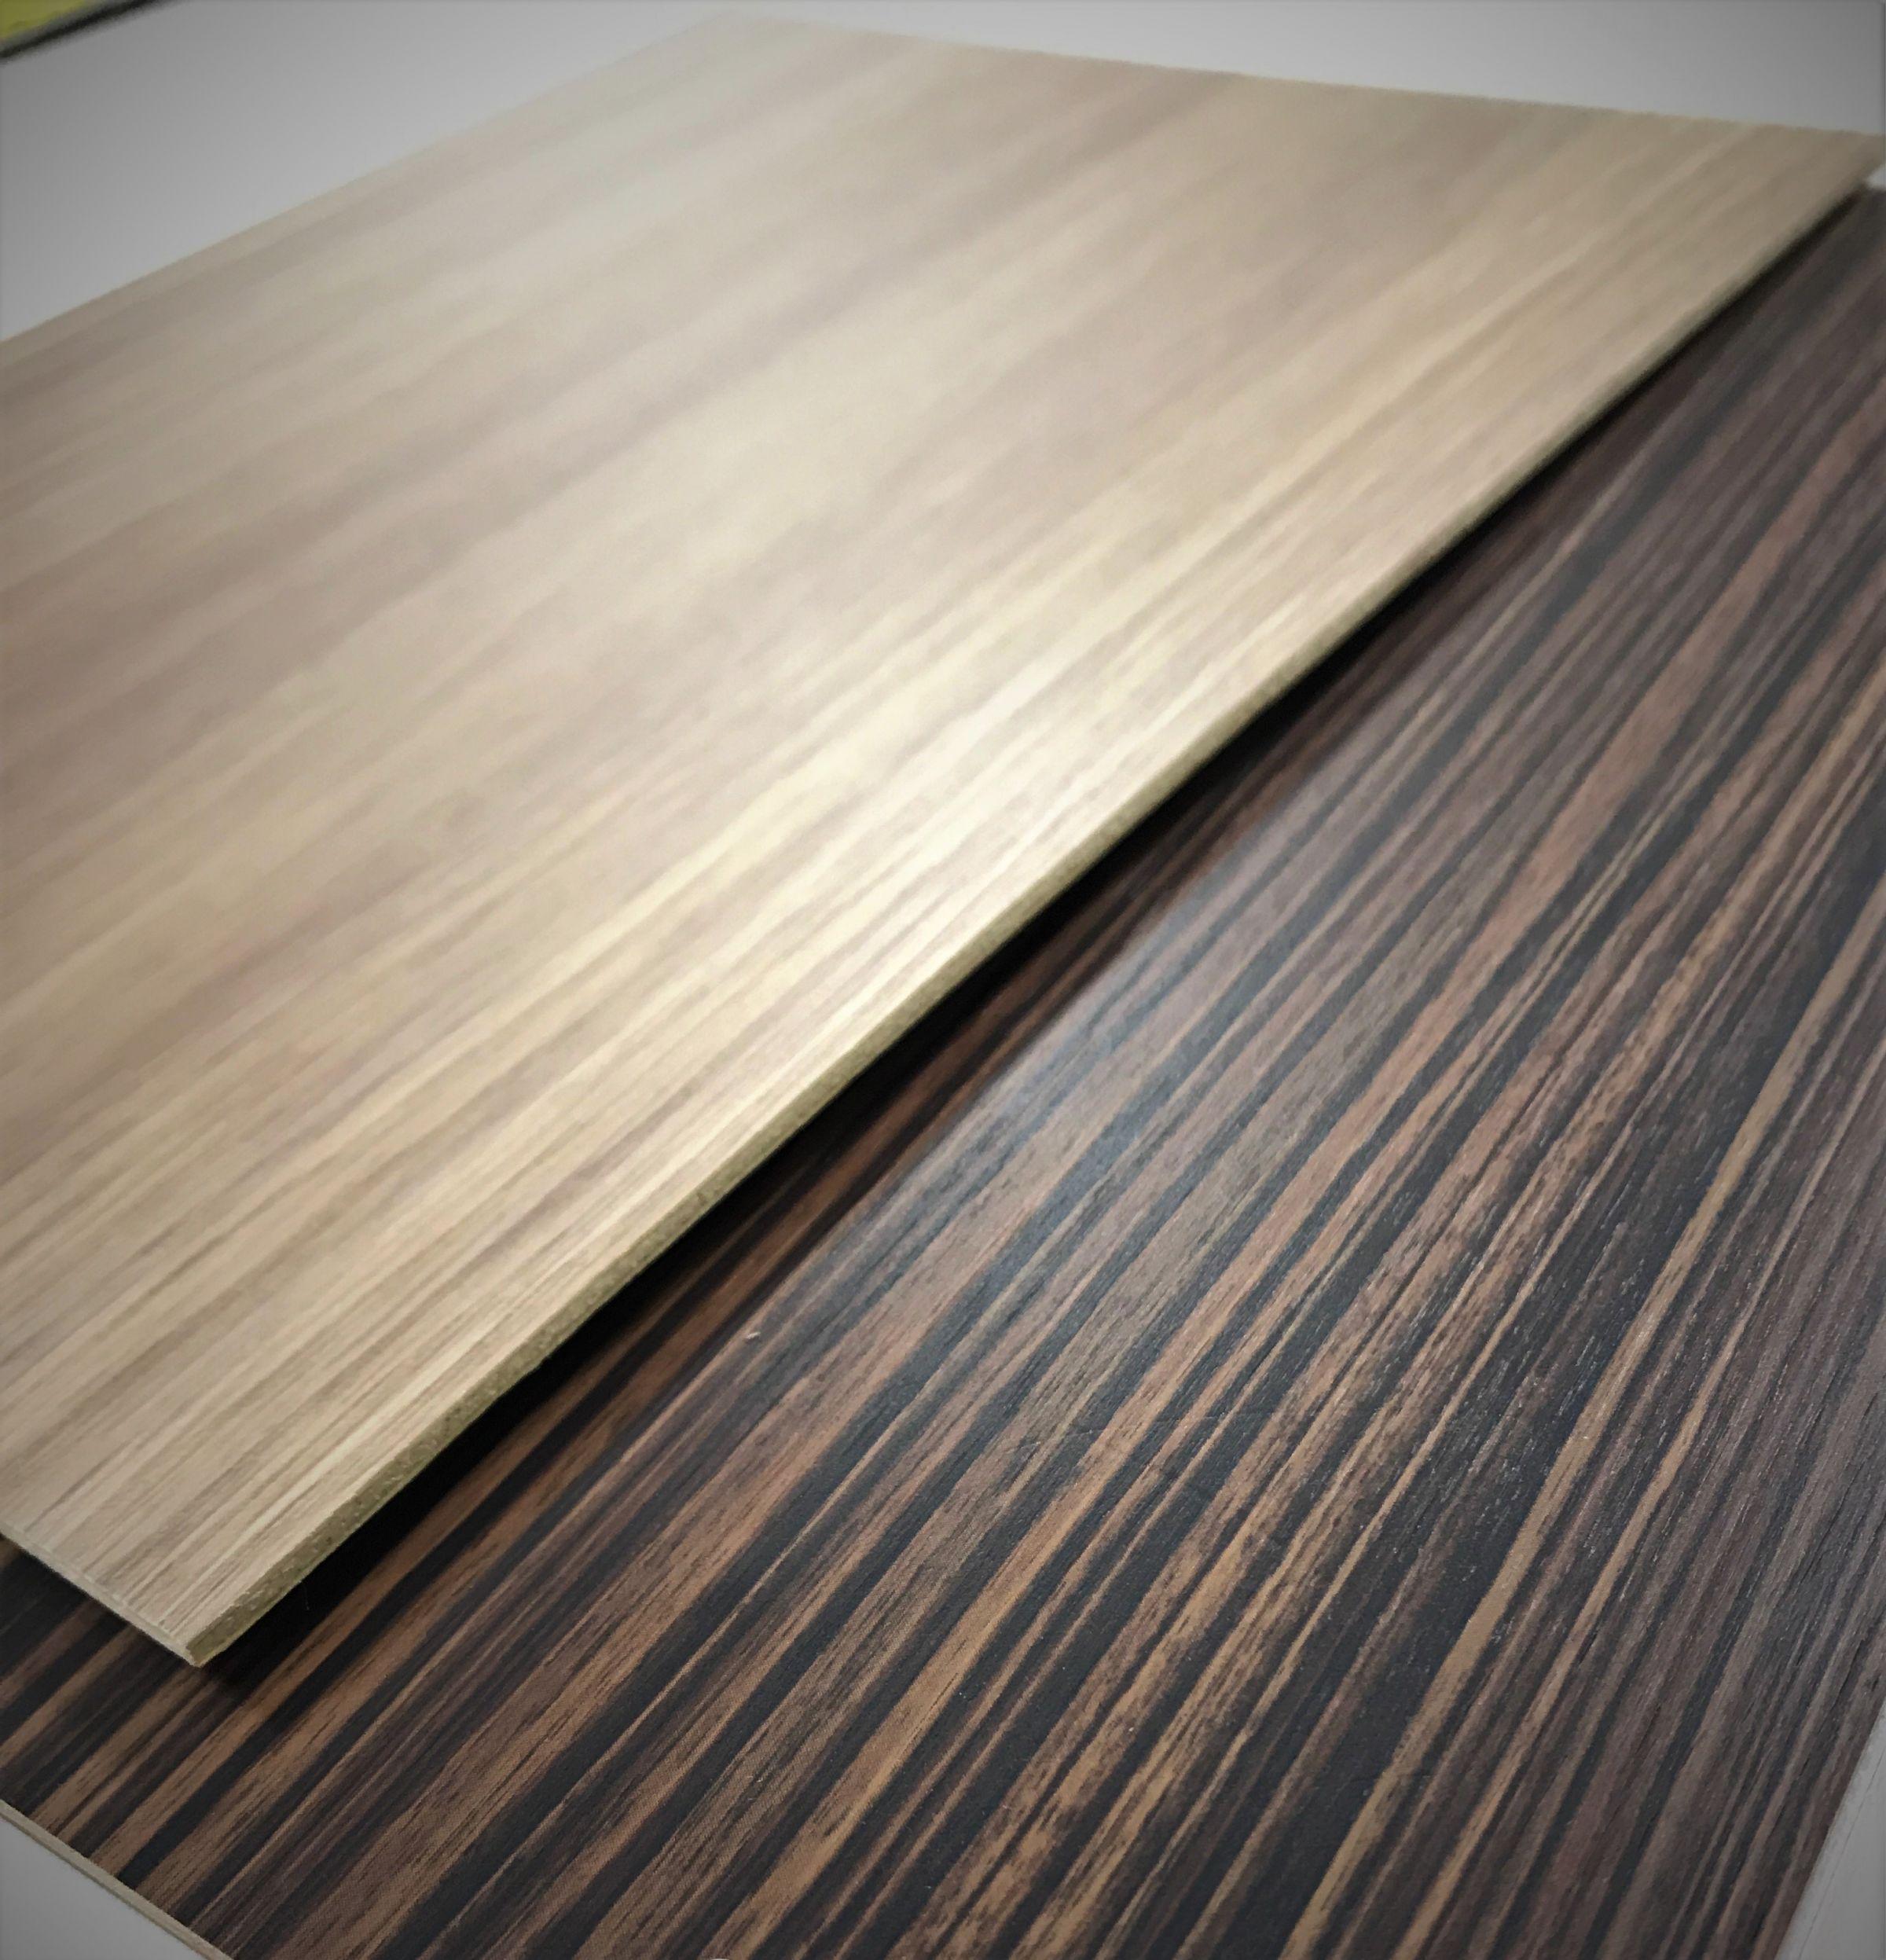 Finitura Legno Per Alimenti la tavola di legno in polipropilene pp antigraffio completa